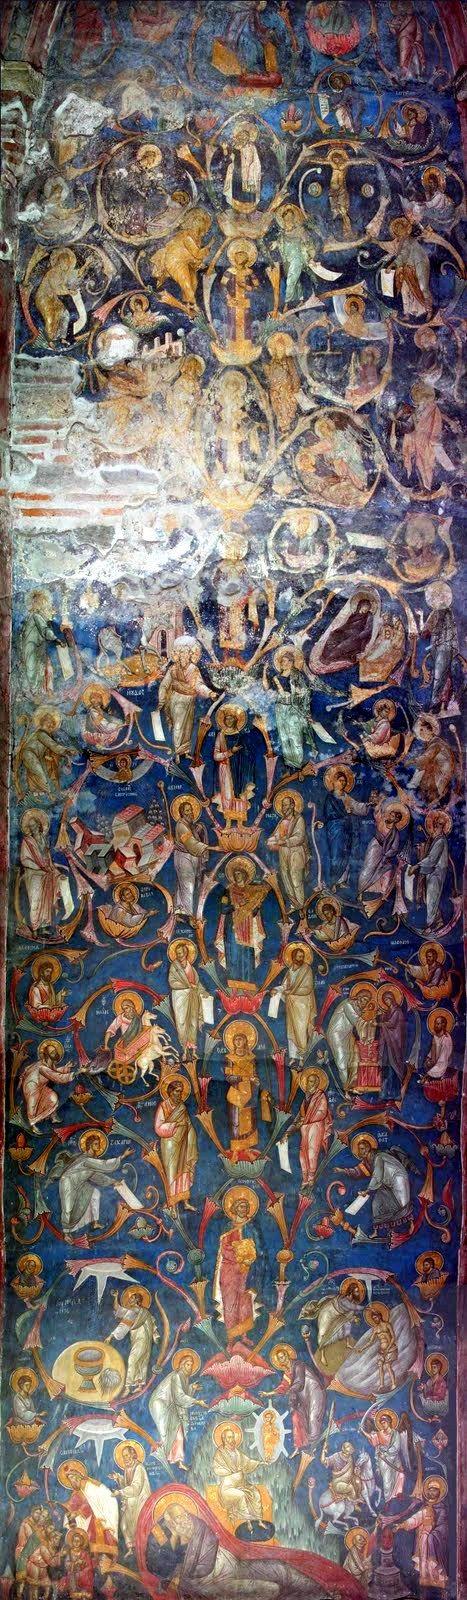 Jesejevo stablo (porodično stablo Isusa Hrista). Manastir Visoki Dečani, 14. vek. KiM. The Three of Jesse (blood line of Jesus Christ). Monastery Visoki Decani, 14th century. Kosovo and Metohija